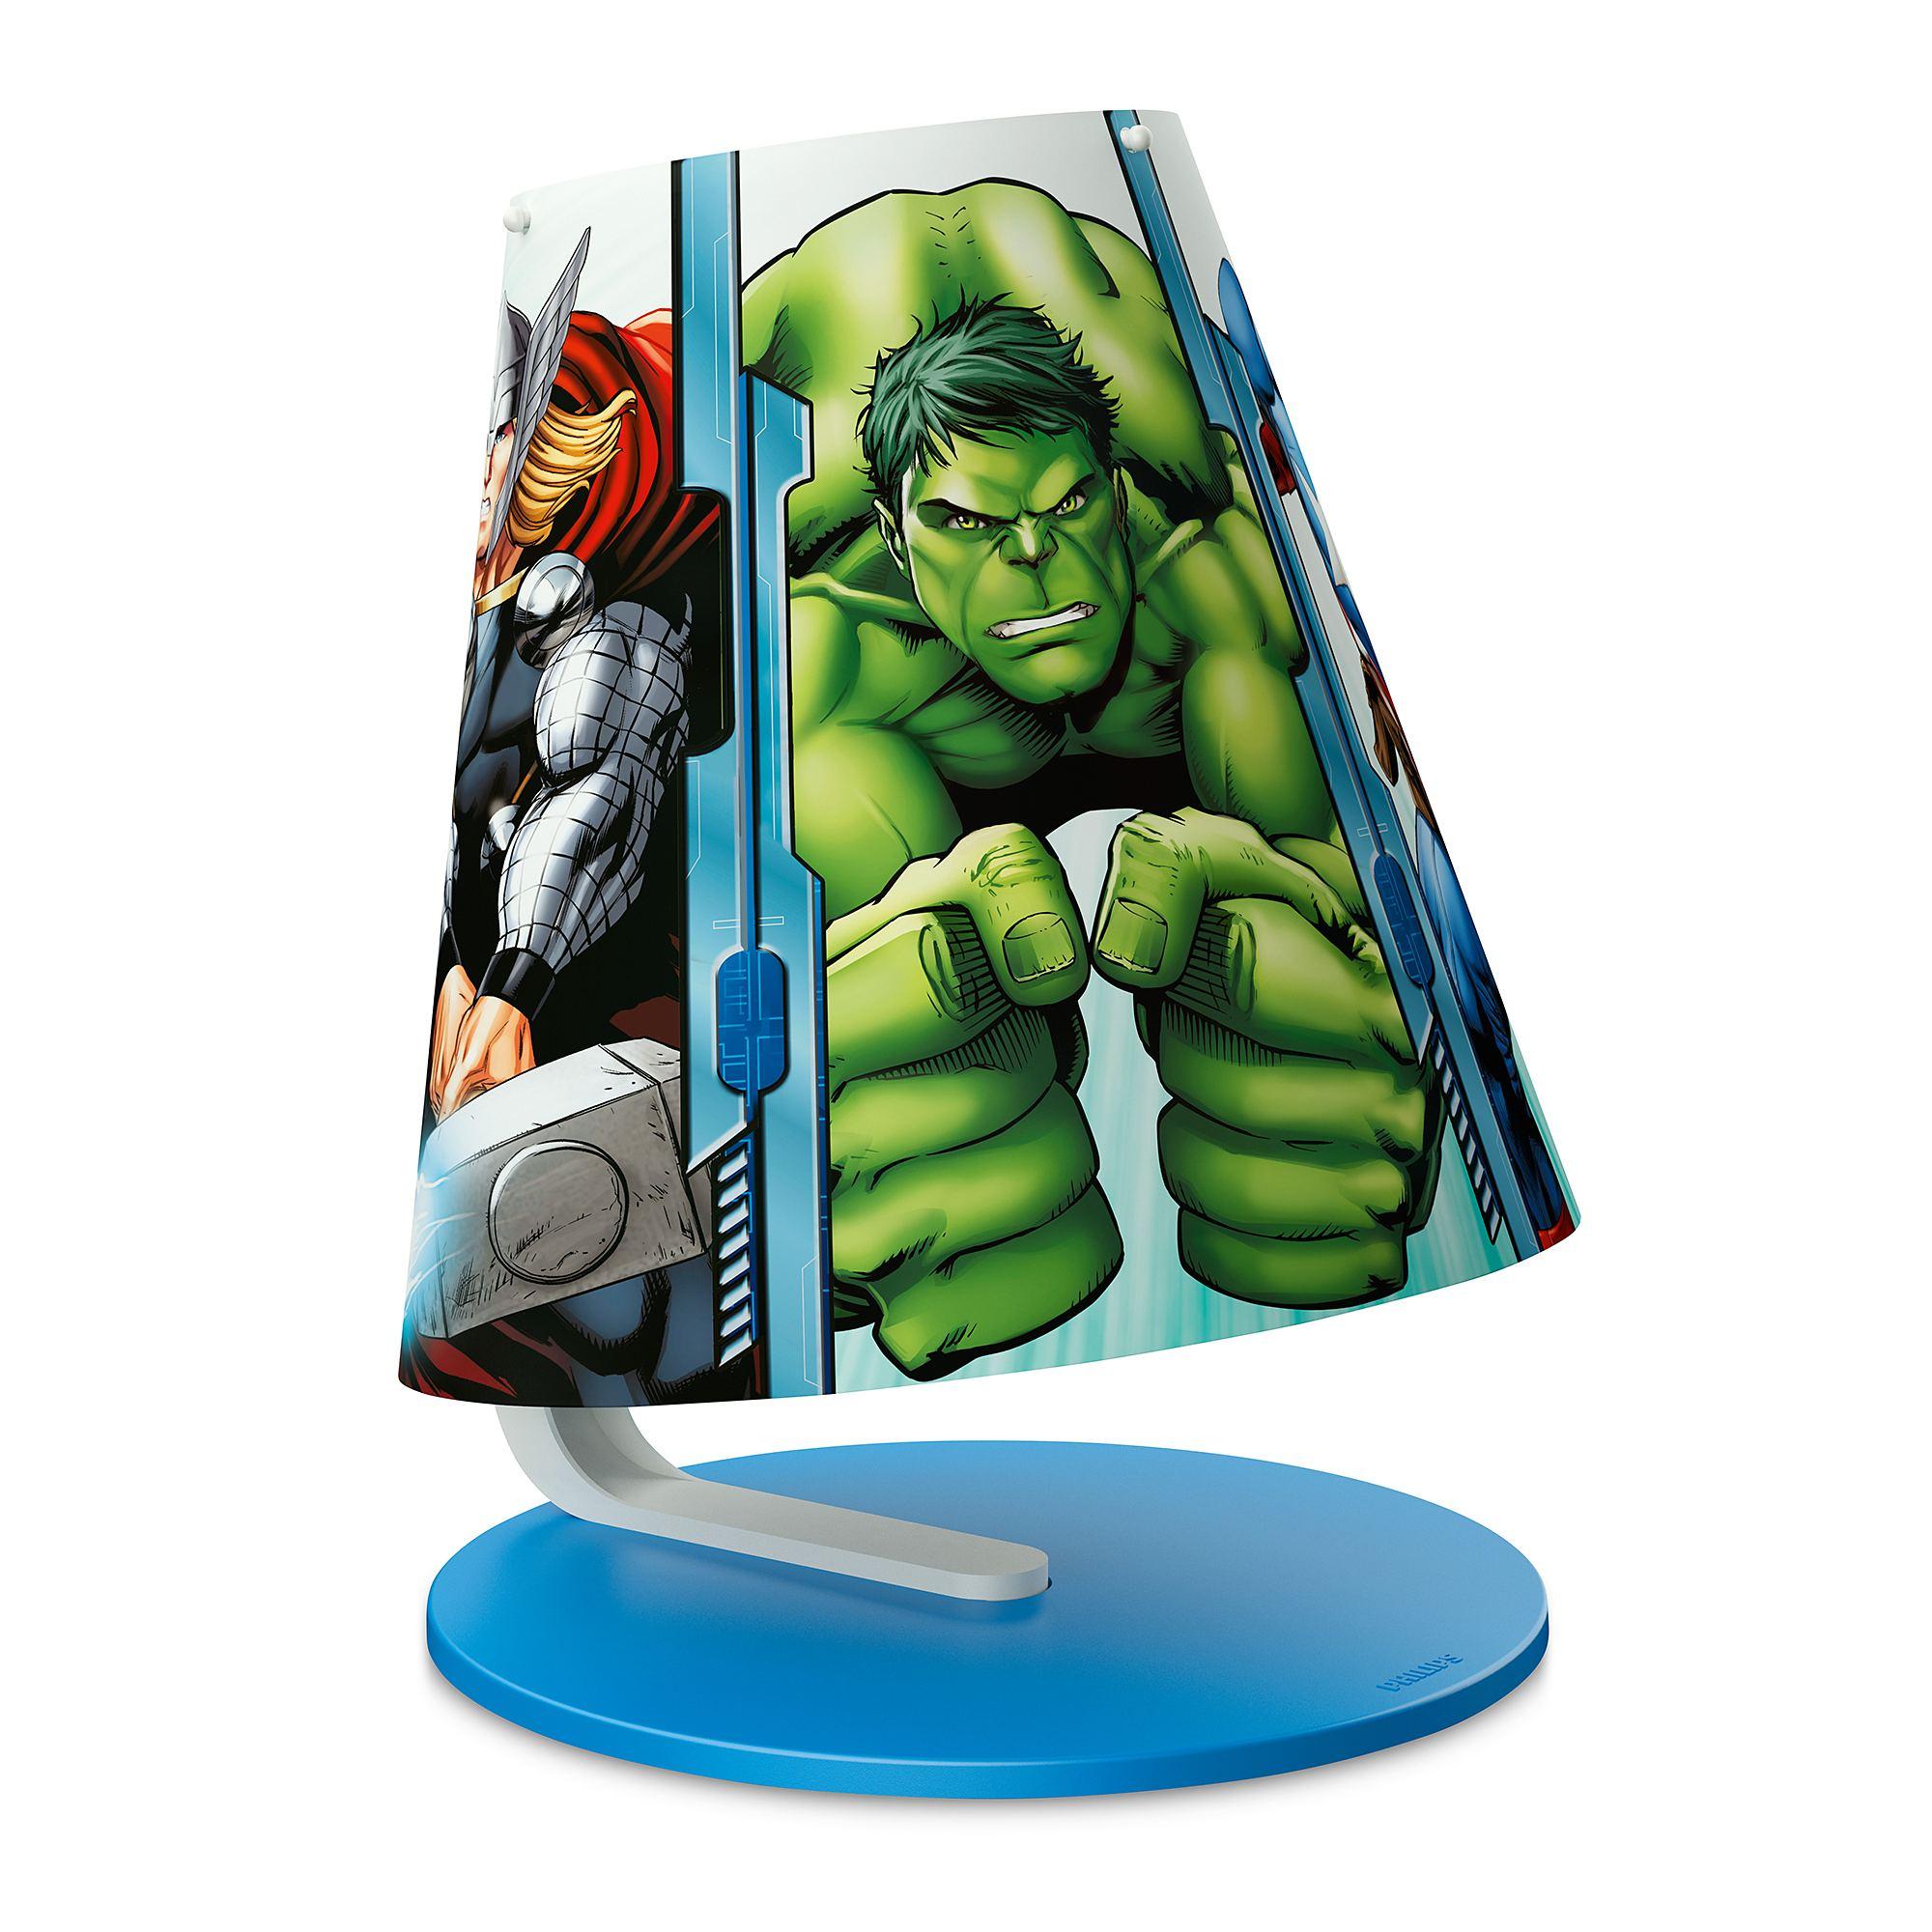 Philips Marvel Avengers Led Table Lamp Table Light 3w